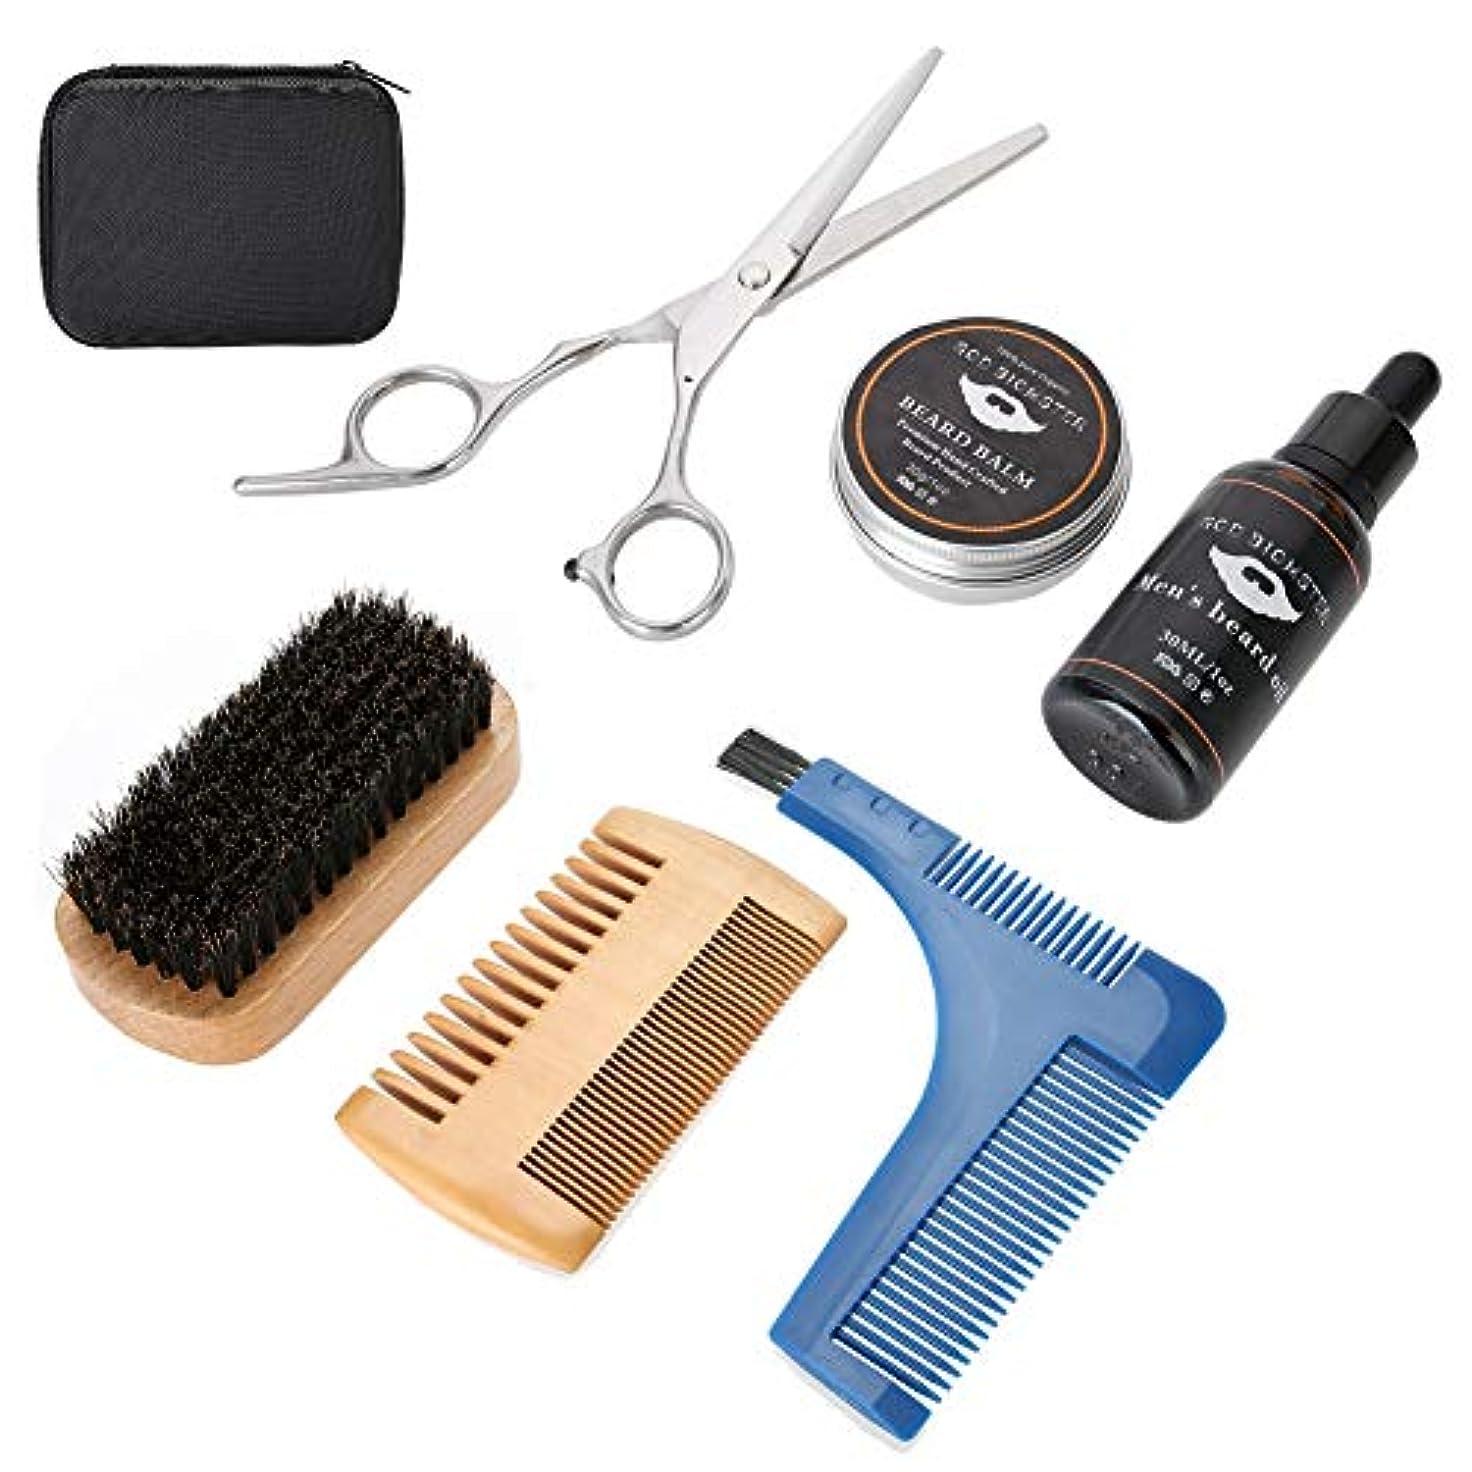 キャッチ一回デンプシー男性のひげセット、木材製+クリスタル素材ポータブルブラシひげシェービングクリーニングツール用男性ひげ剃り